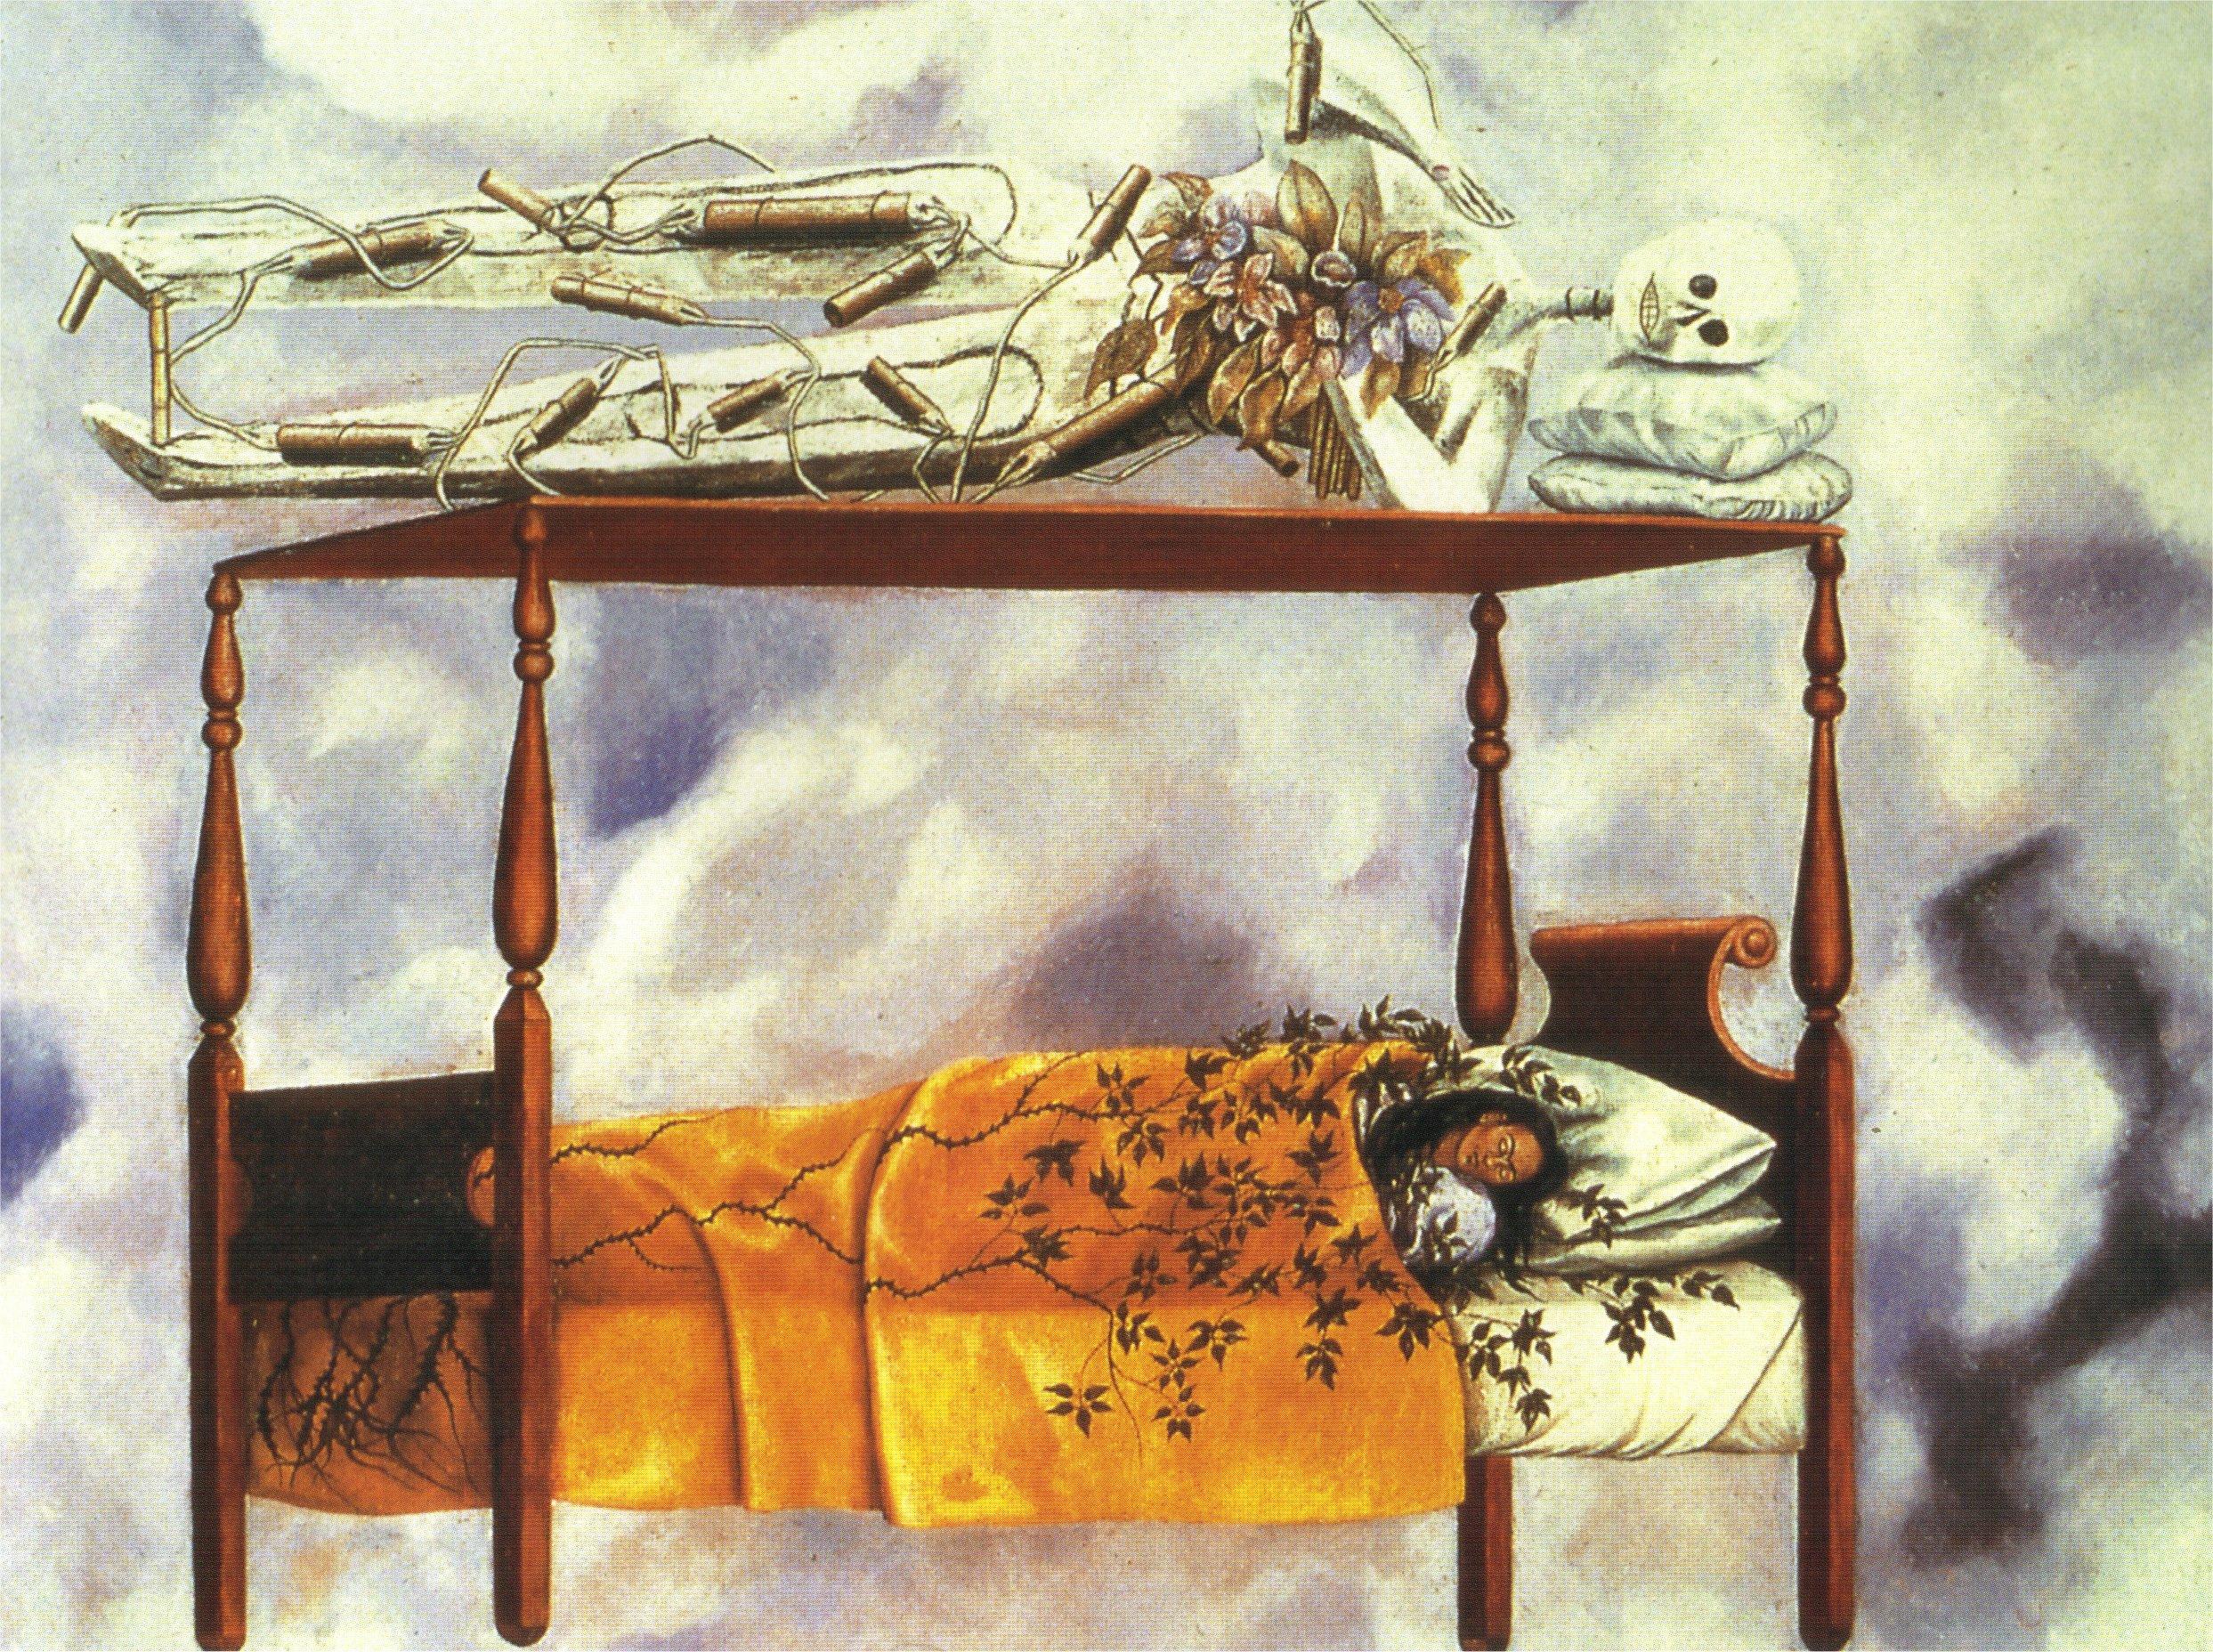 The Dream, 1940